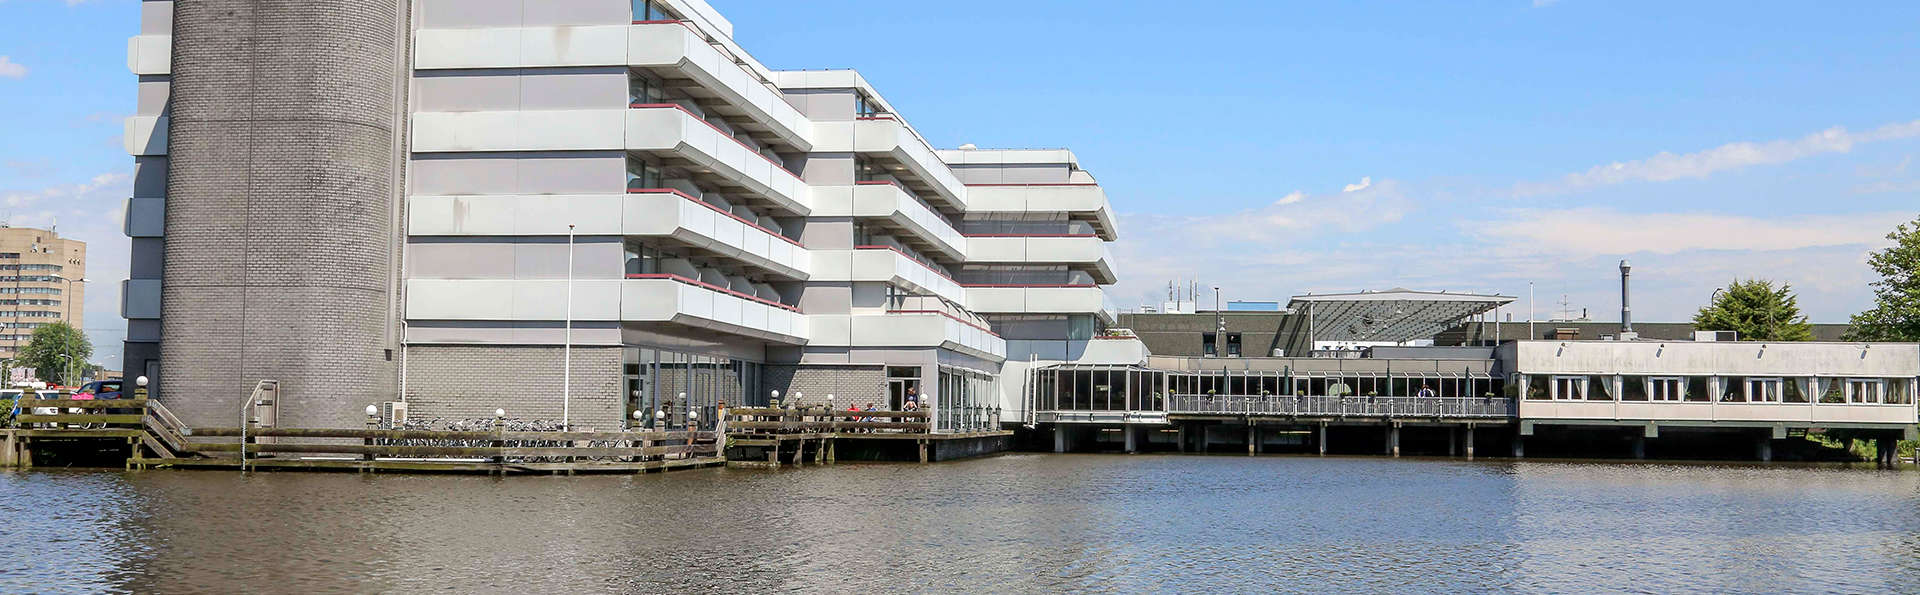 Fletcher Hotel-Restaurant Leidschendam-Den Haag - Edit_Front3.jpg